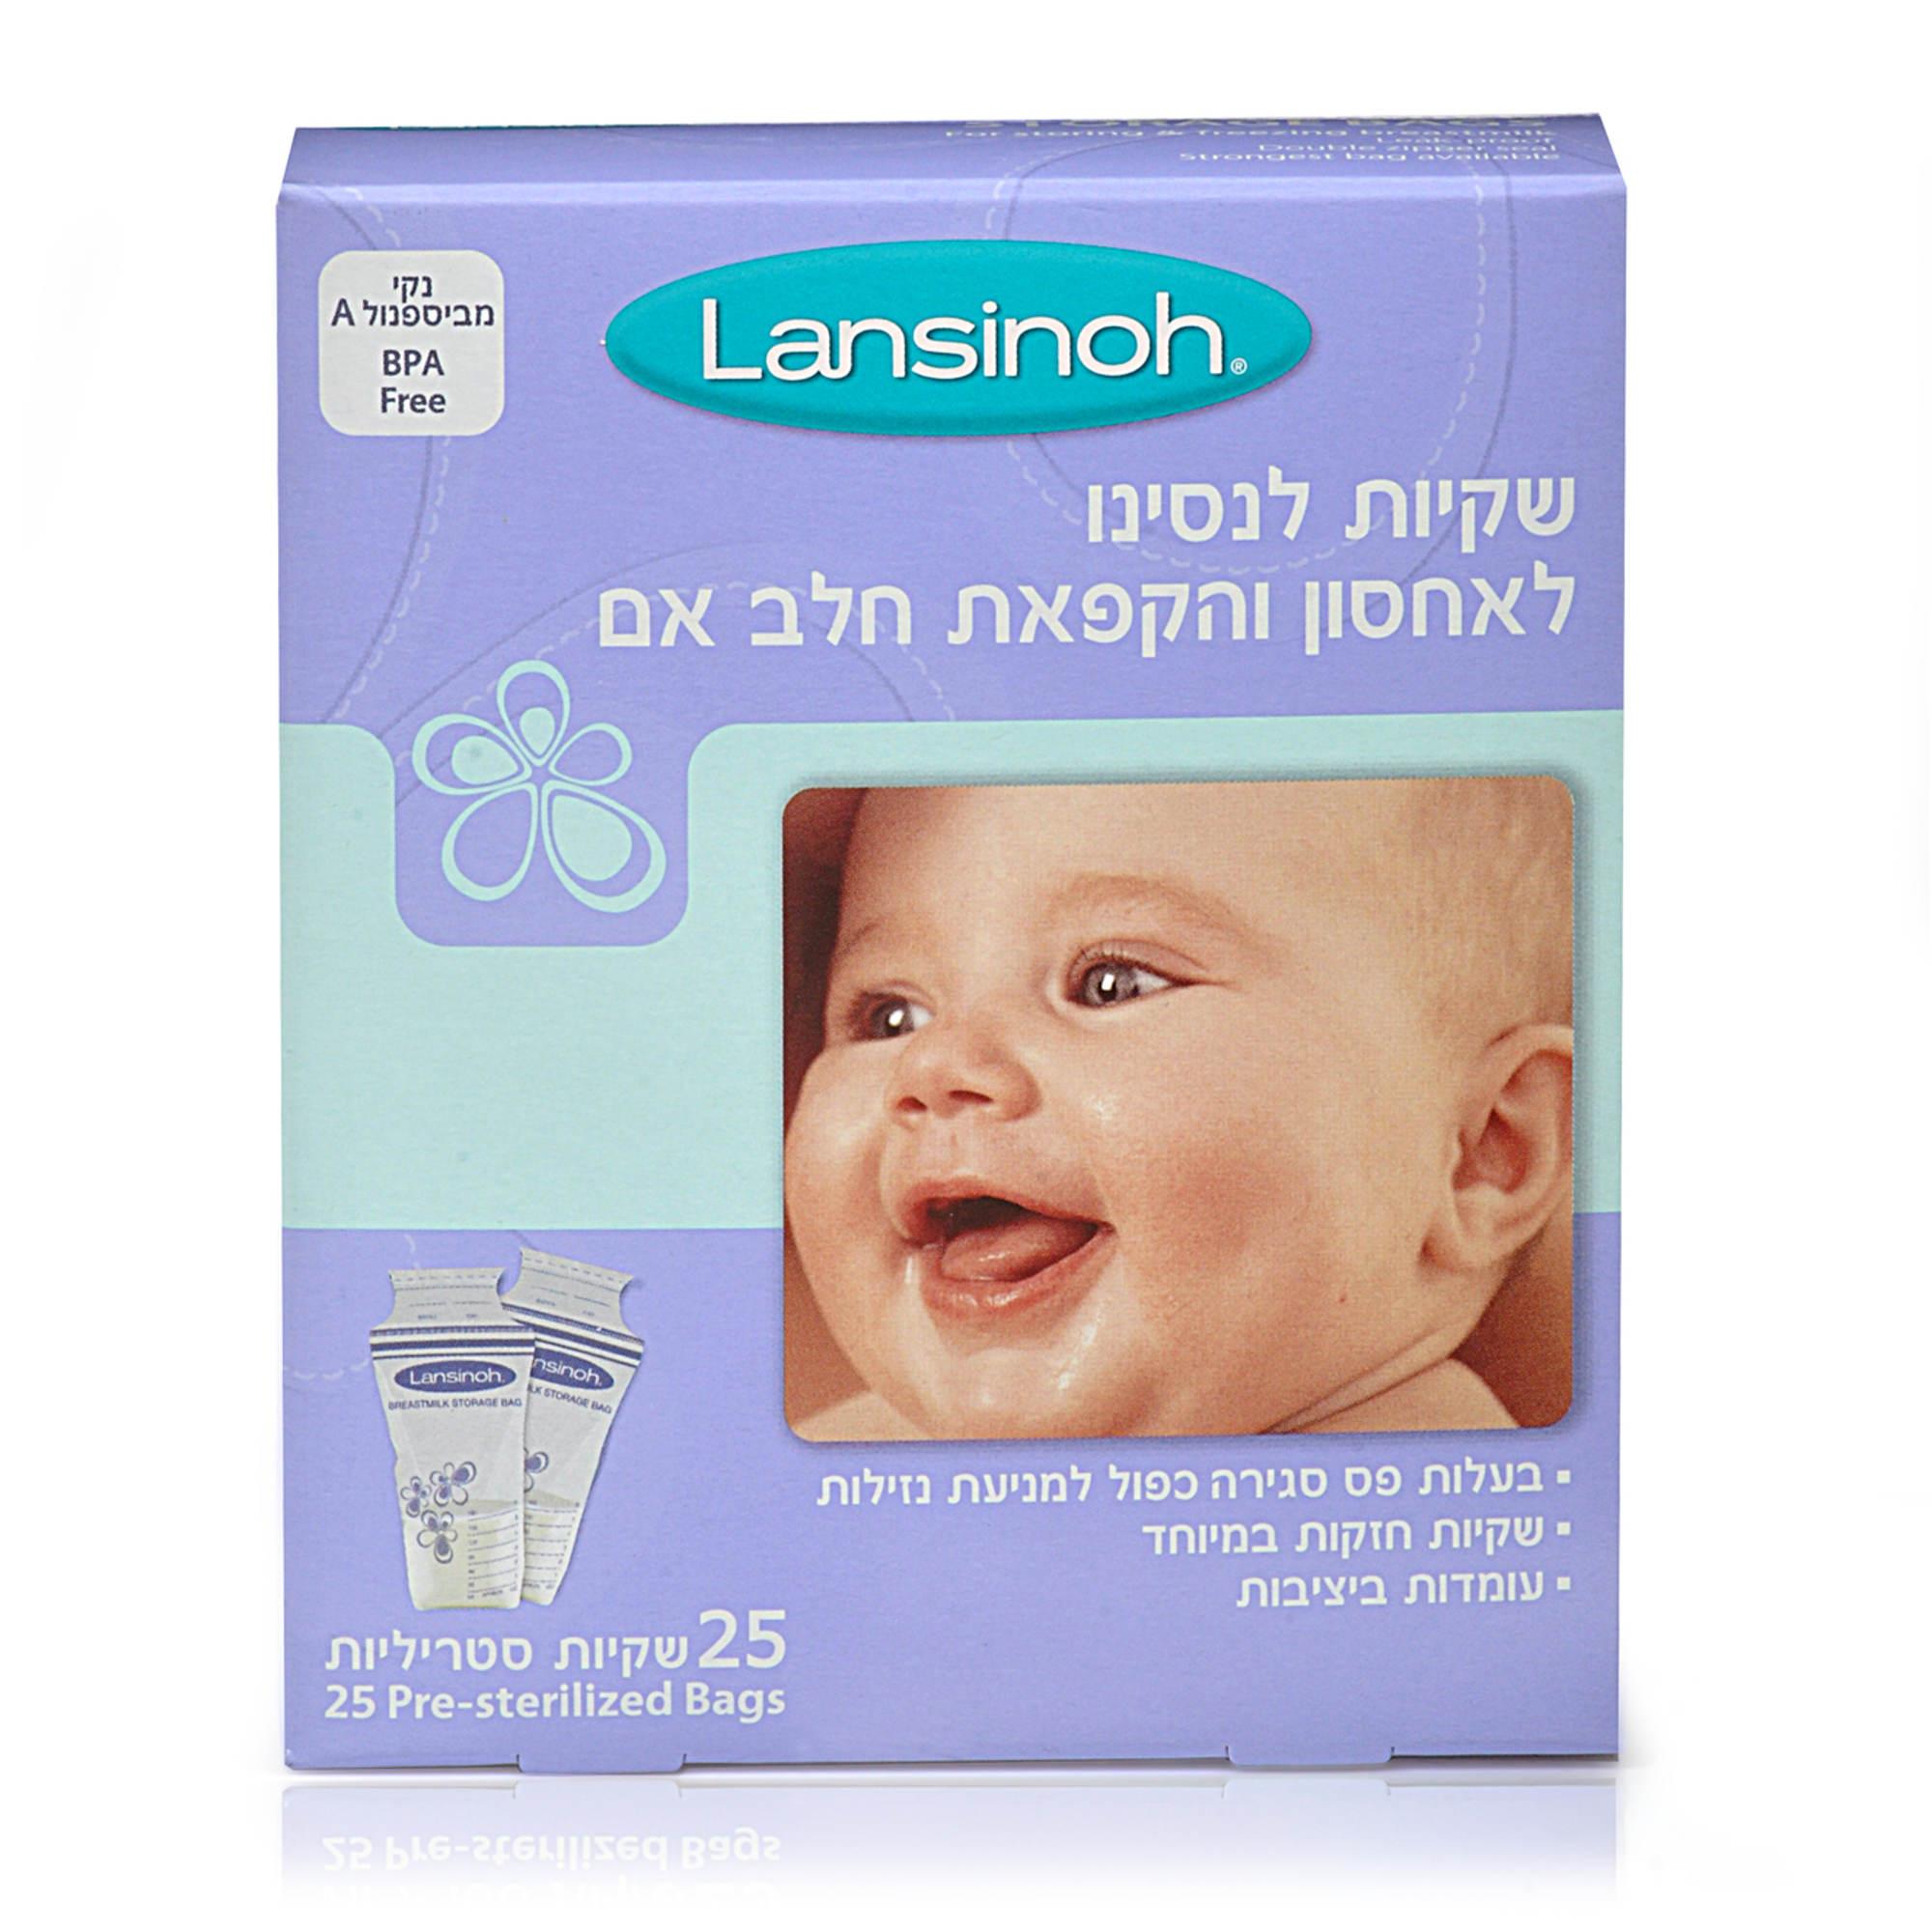 שקיות לאחסון חלב אם של חברת לנסינו